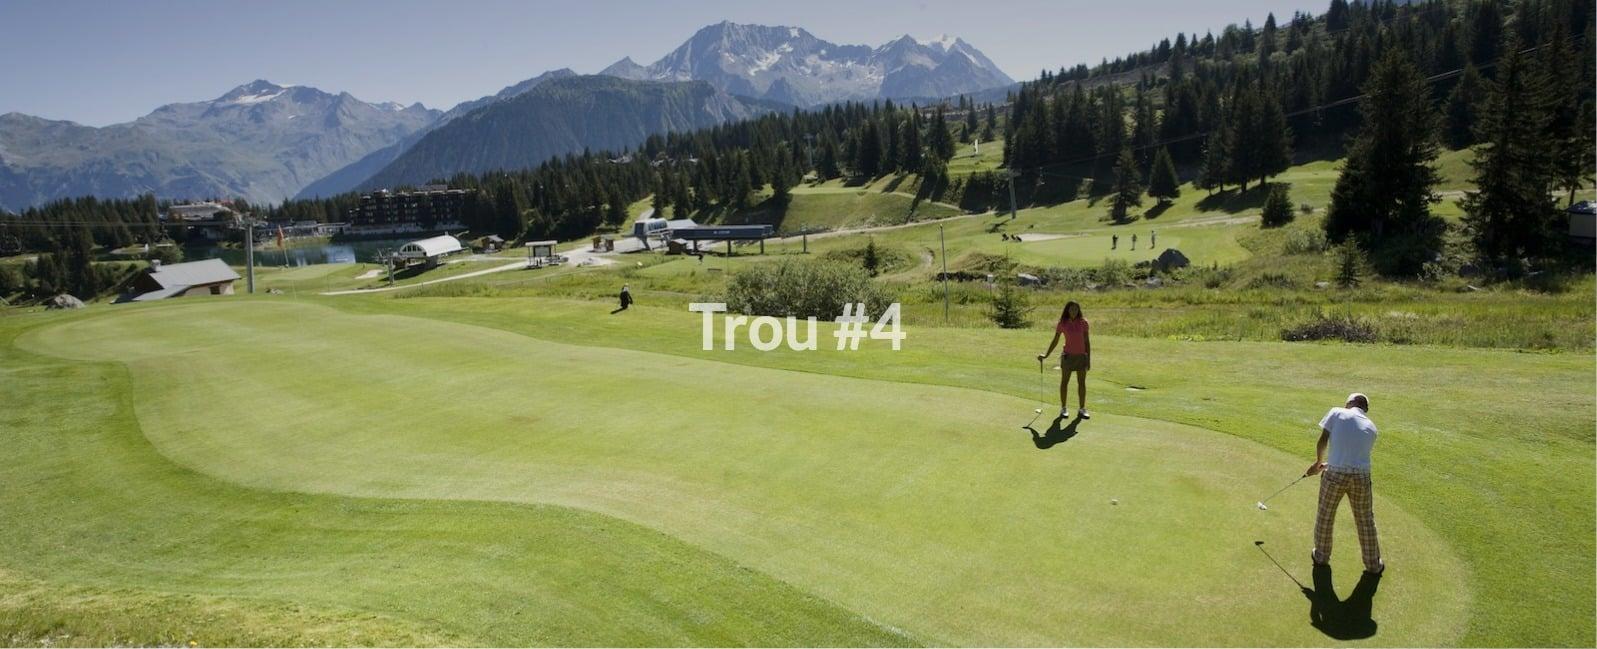 Golf Club de Courchevel | Trou 4